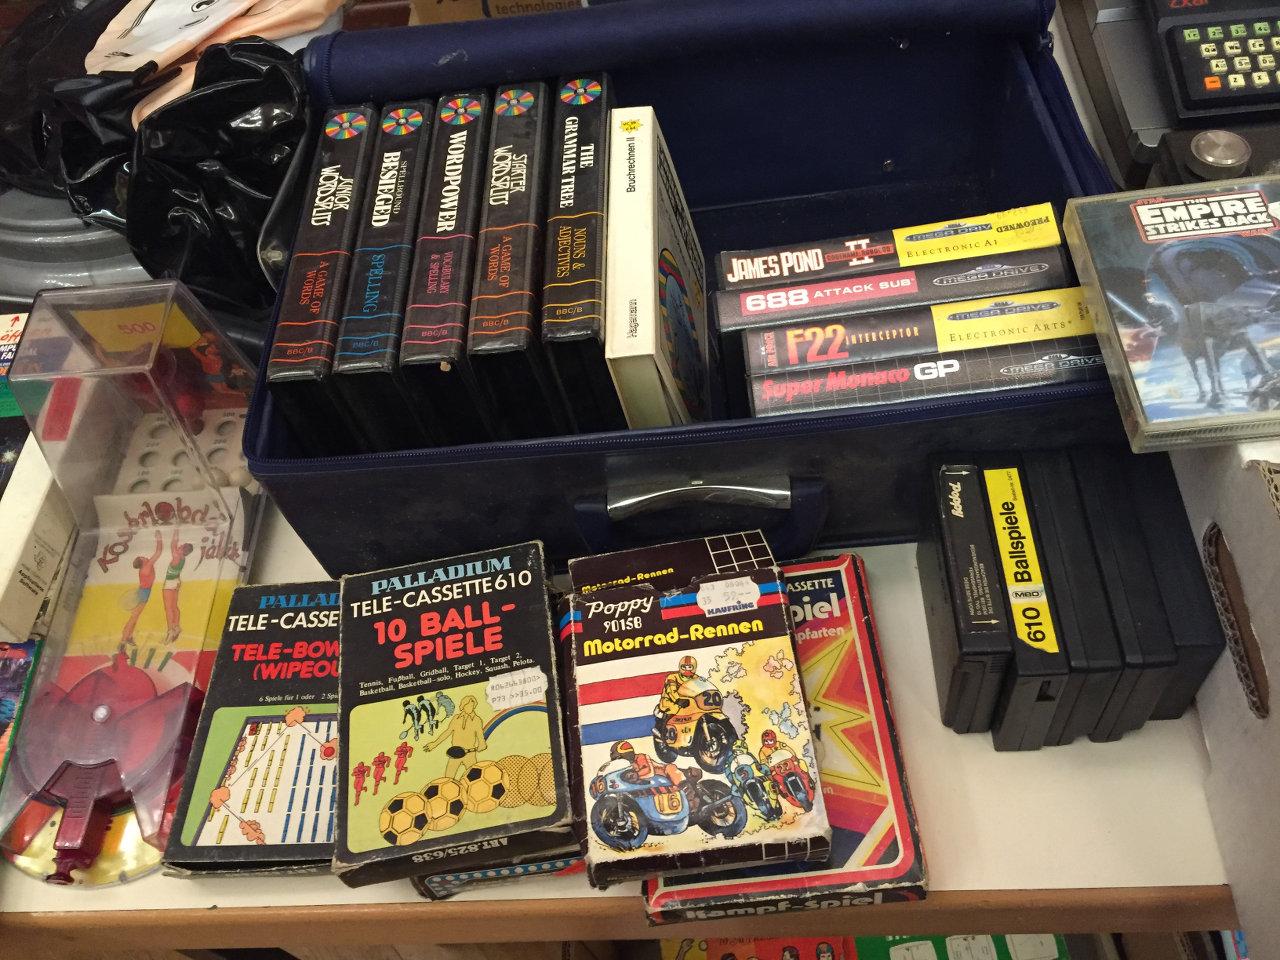 Spiele für die Palladium-Konsole, das Sega Mega Drive und weitere Systeme. (Bild: André Eymann)